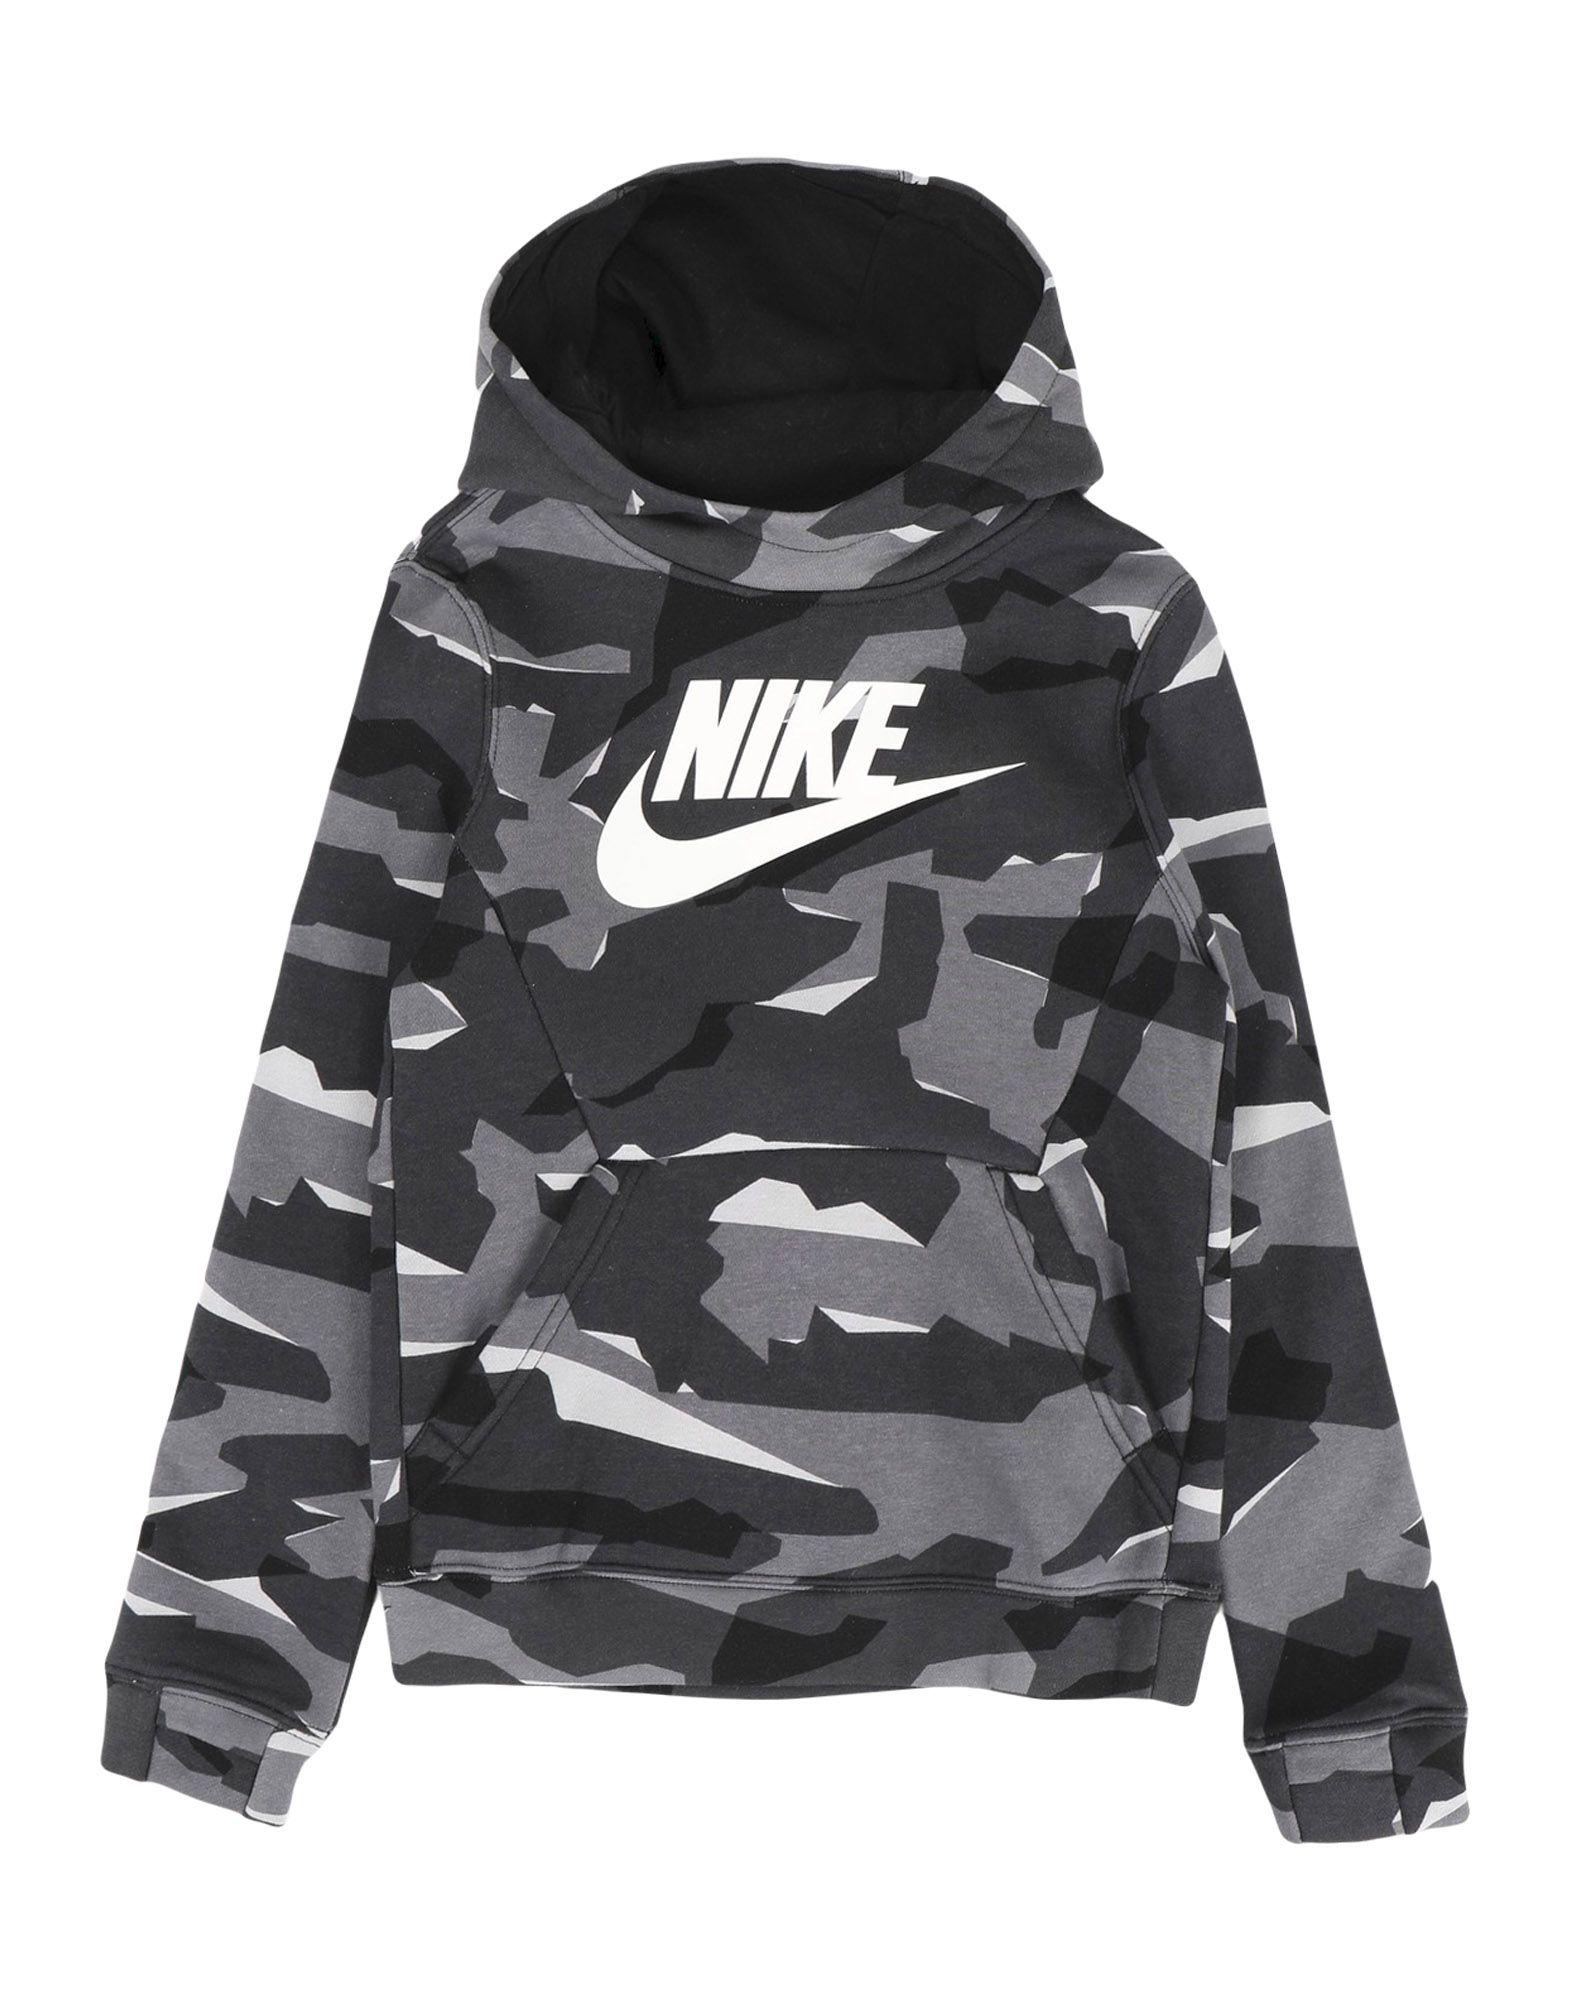 meet 5653e 7100a NIKE Sweatshirt - Jumpers and Sweatshirts | YOOX.COM